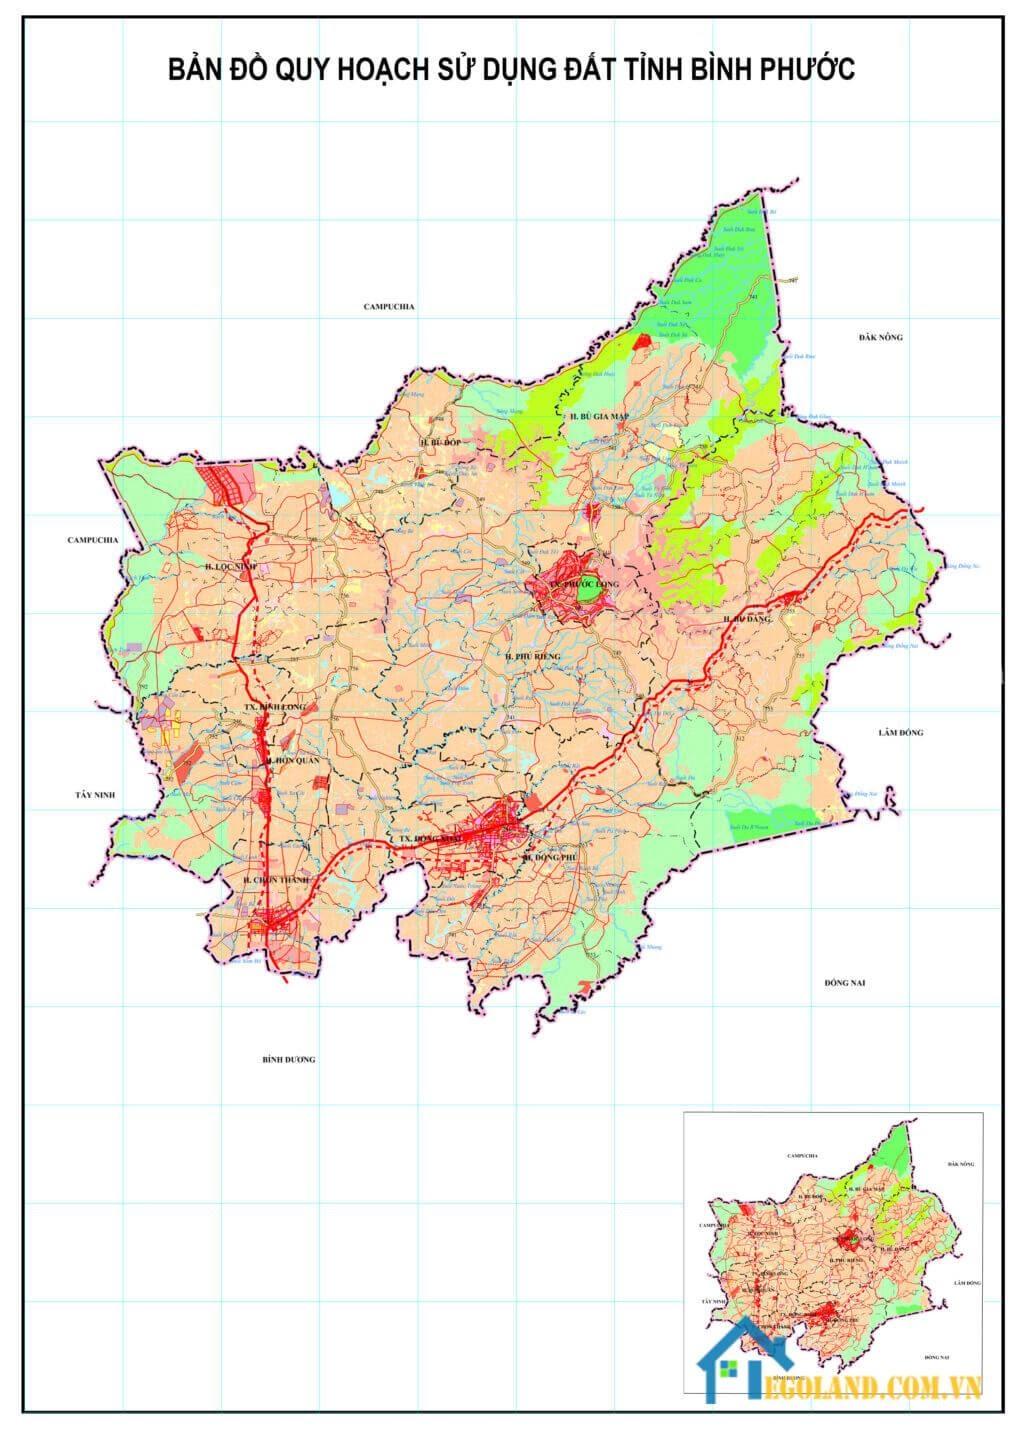 Bản đồ Bình Phước về quy hoạch sử dụng đất